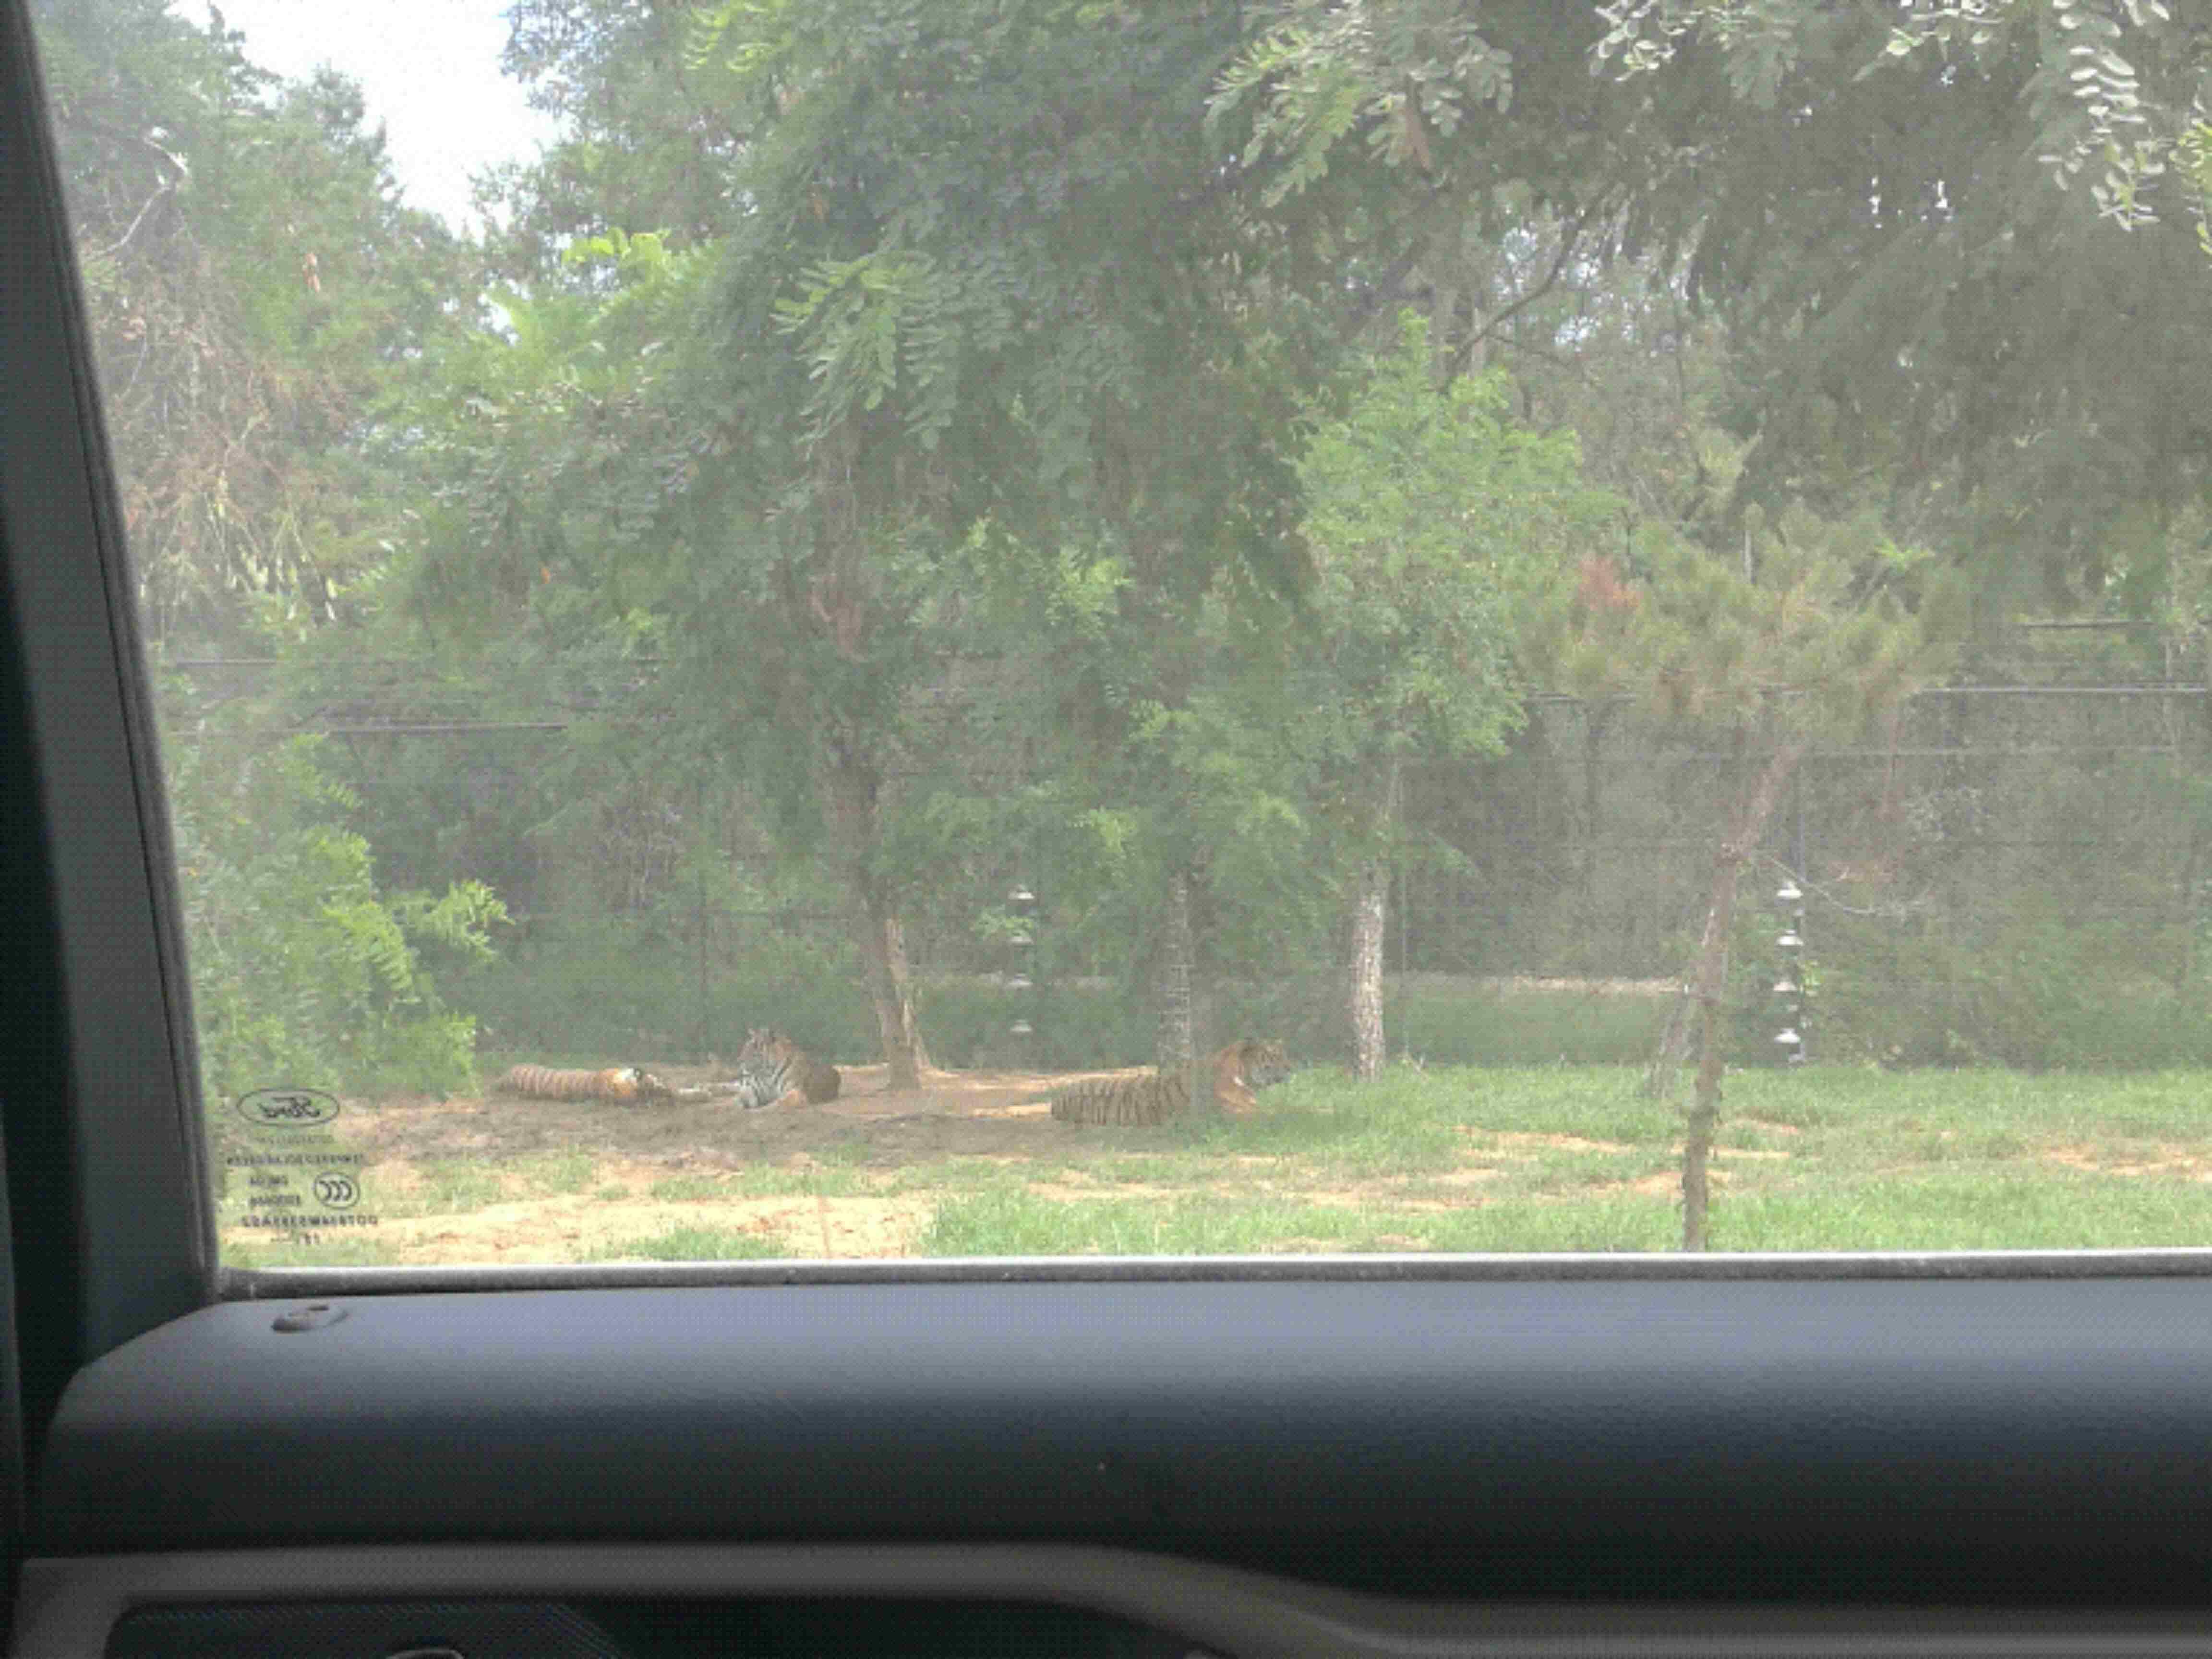 秦皇岛野生动物园 成人票秦皇岛野生动物园园区很大